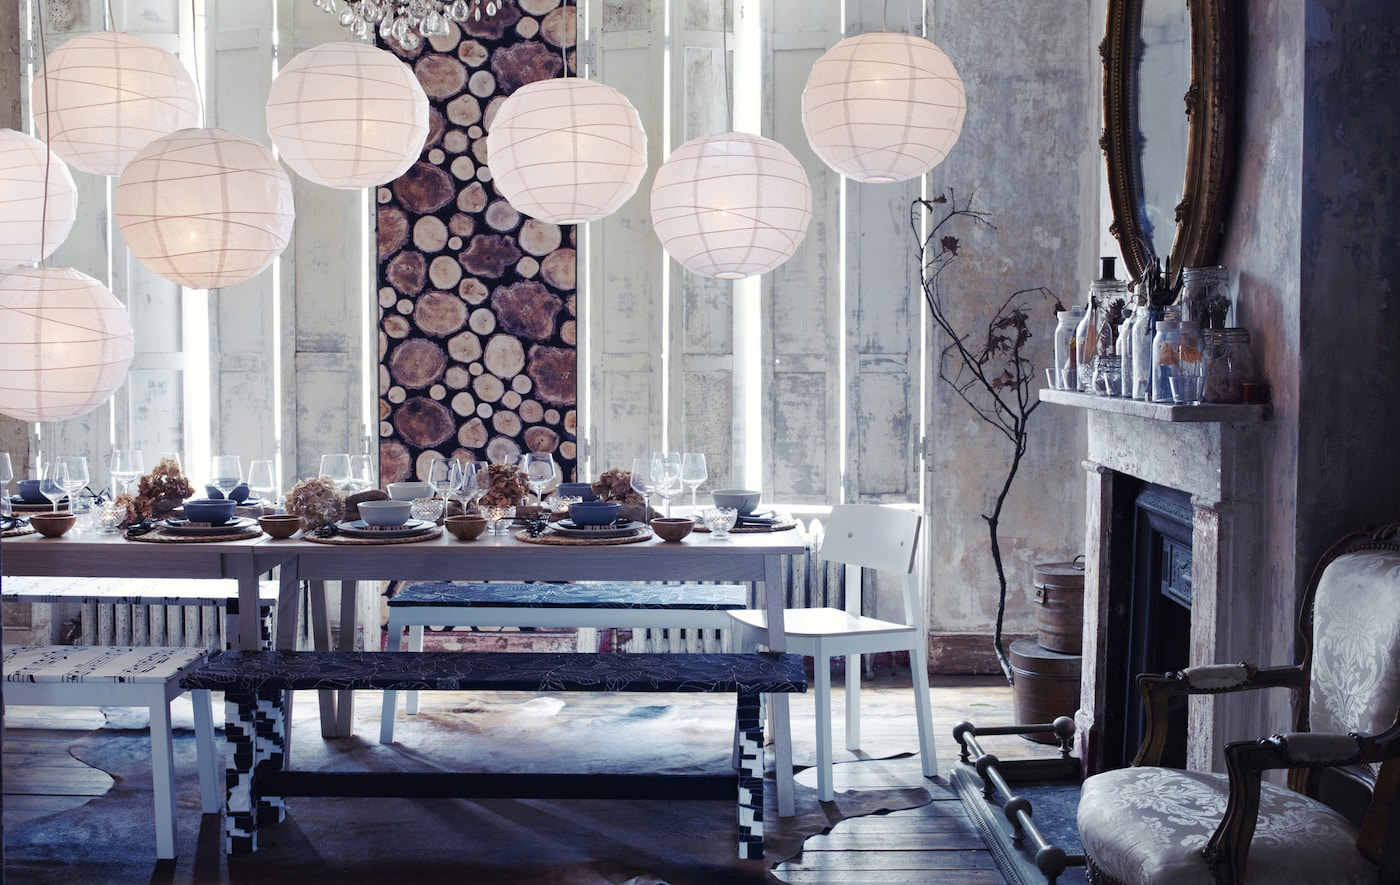 غرفة طعام بنمط خشبي مع فوانيس ثلجية وطاولة مغطاة بزينة شتوية